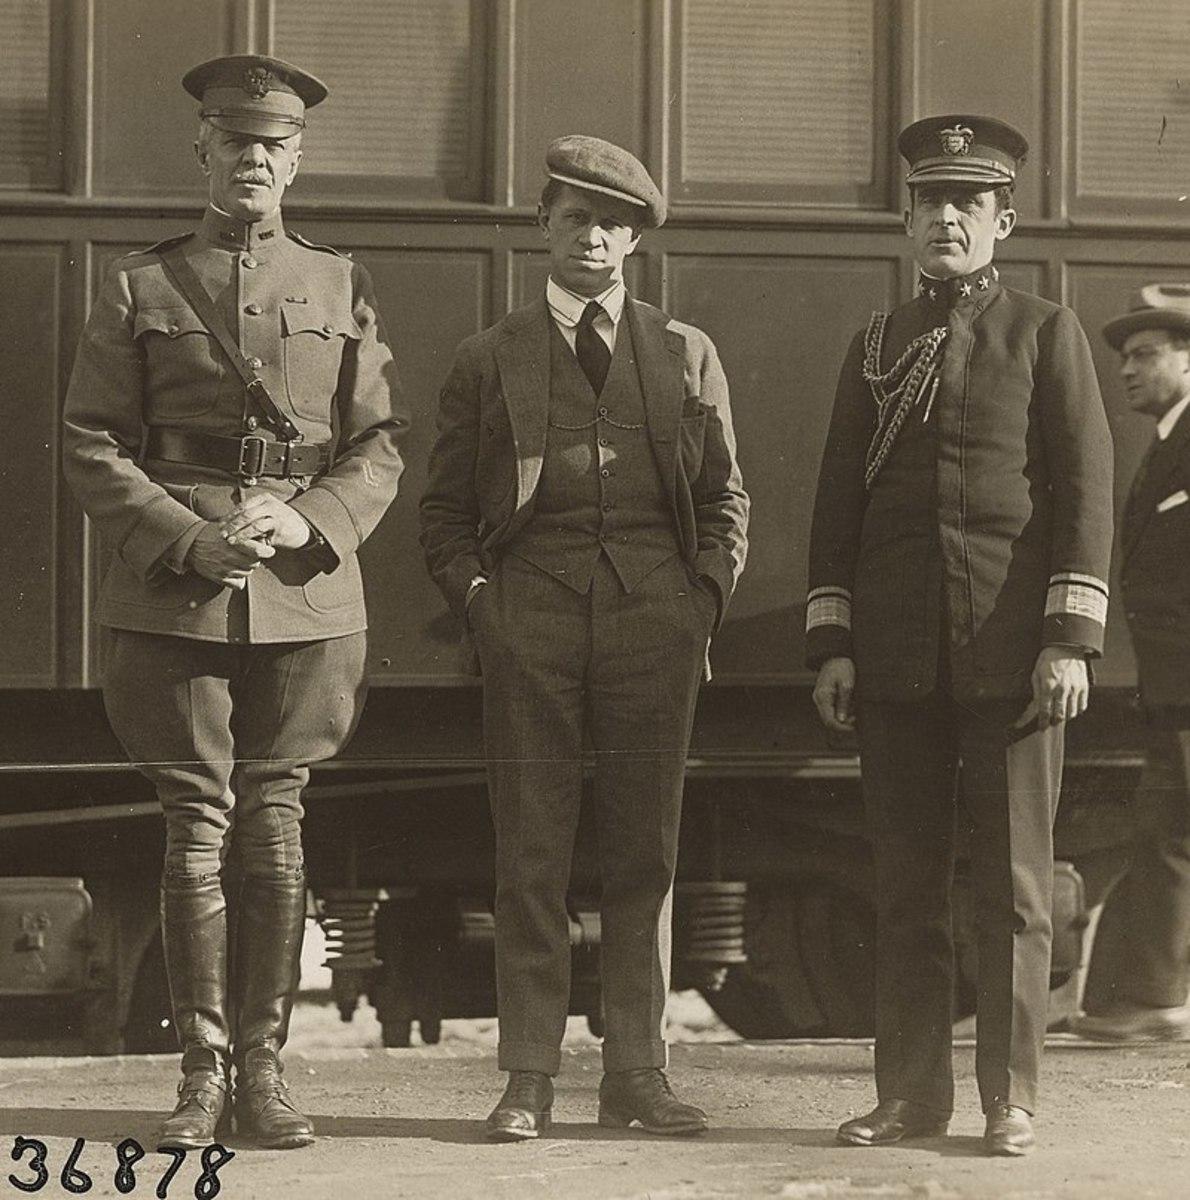 George Creel and members of Creel Committee established by President Woodrow Wilson